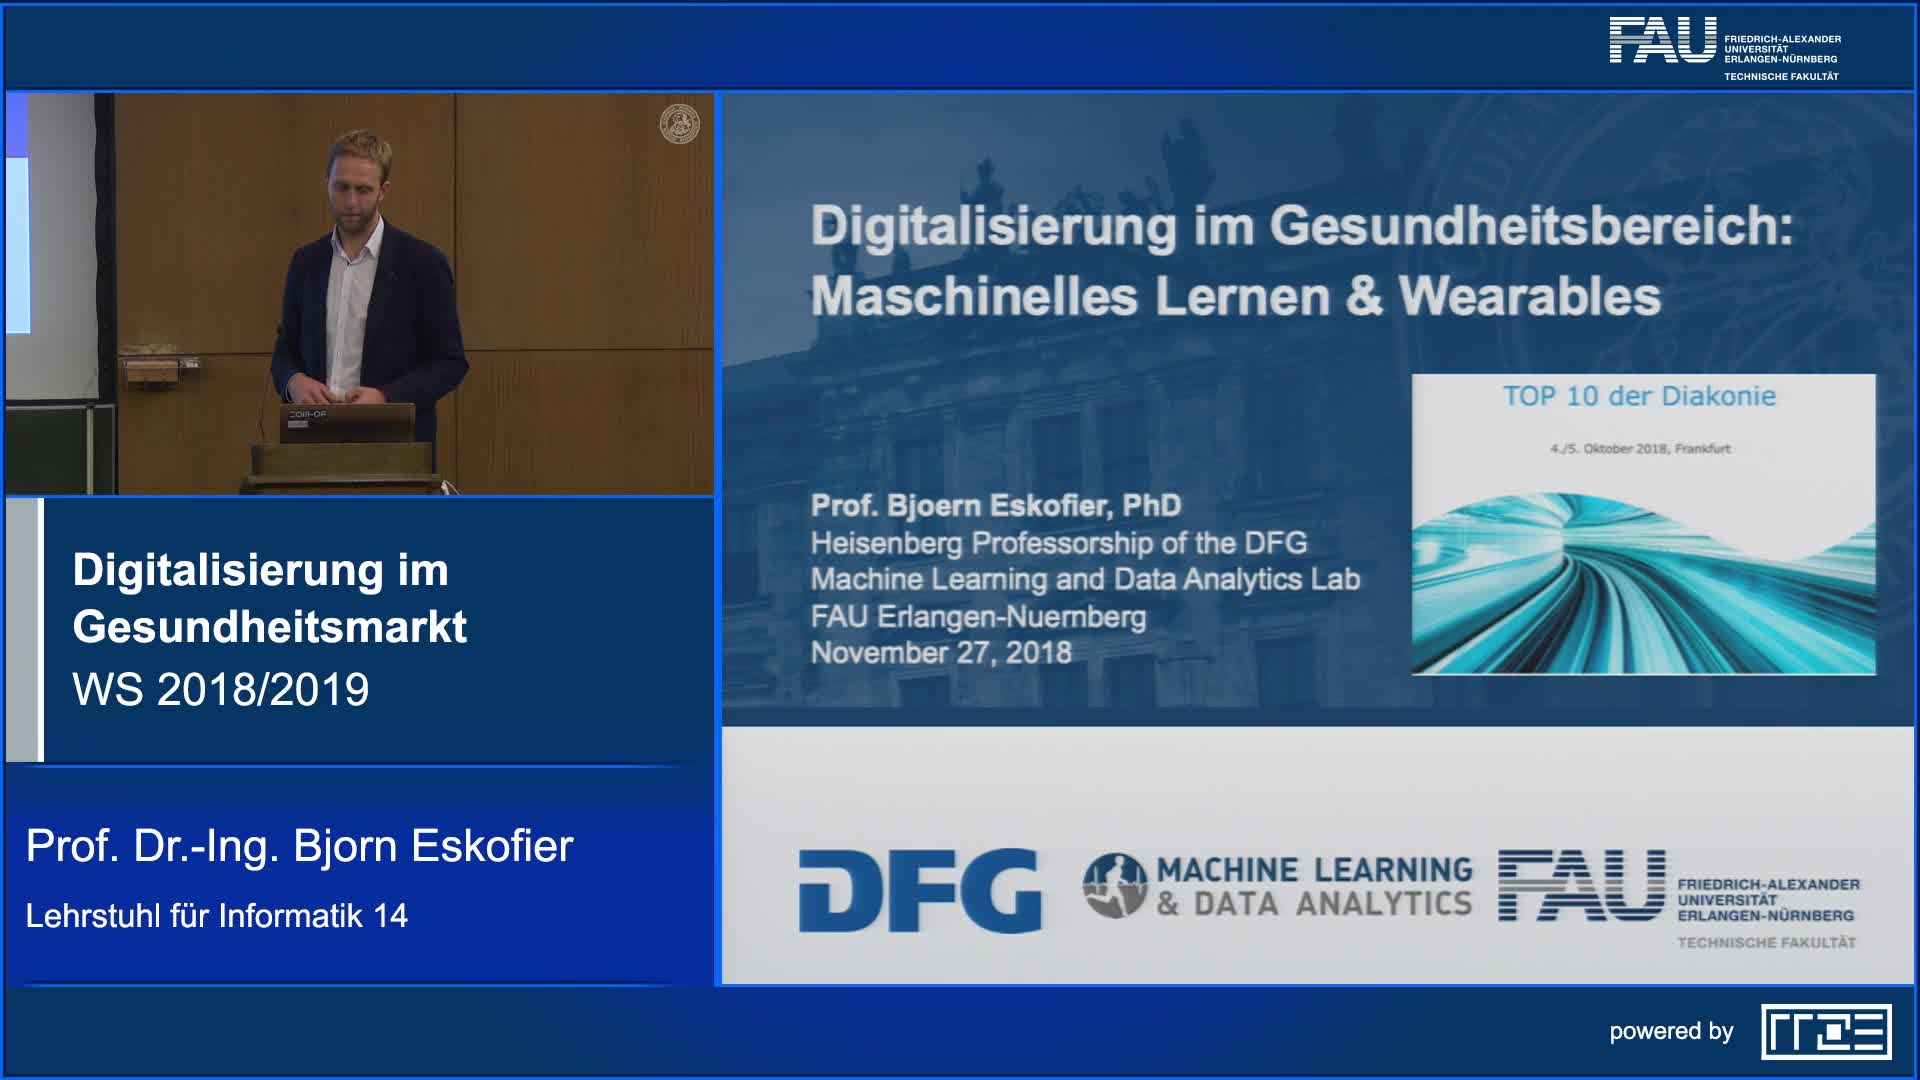 Digitalisierung im Gesundheitsmarkt preview image